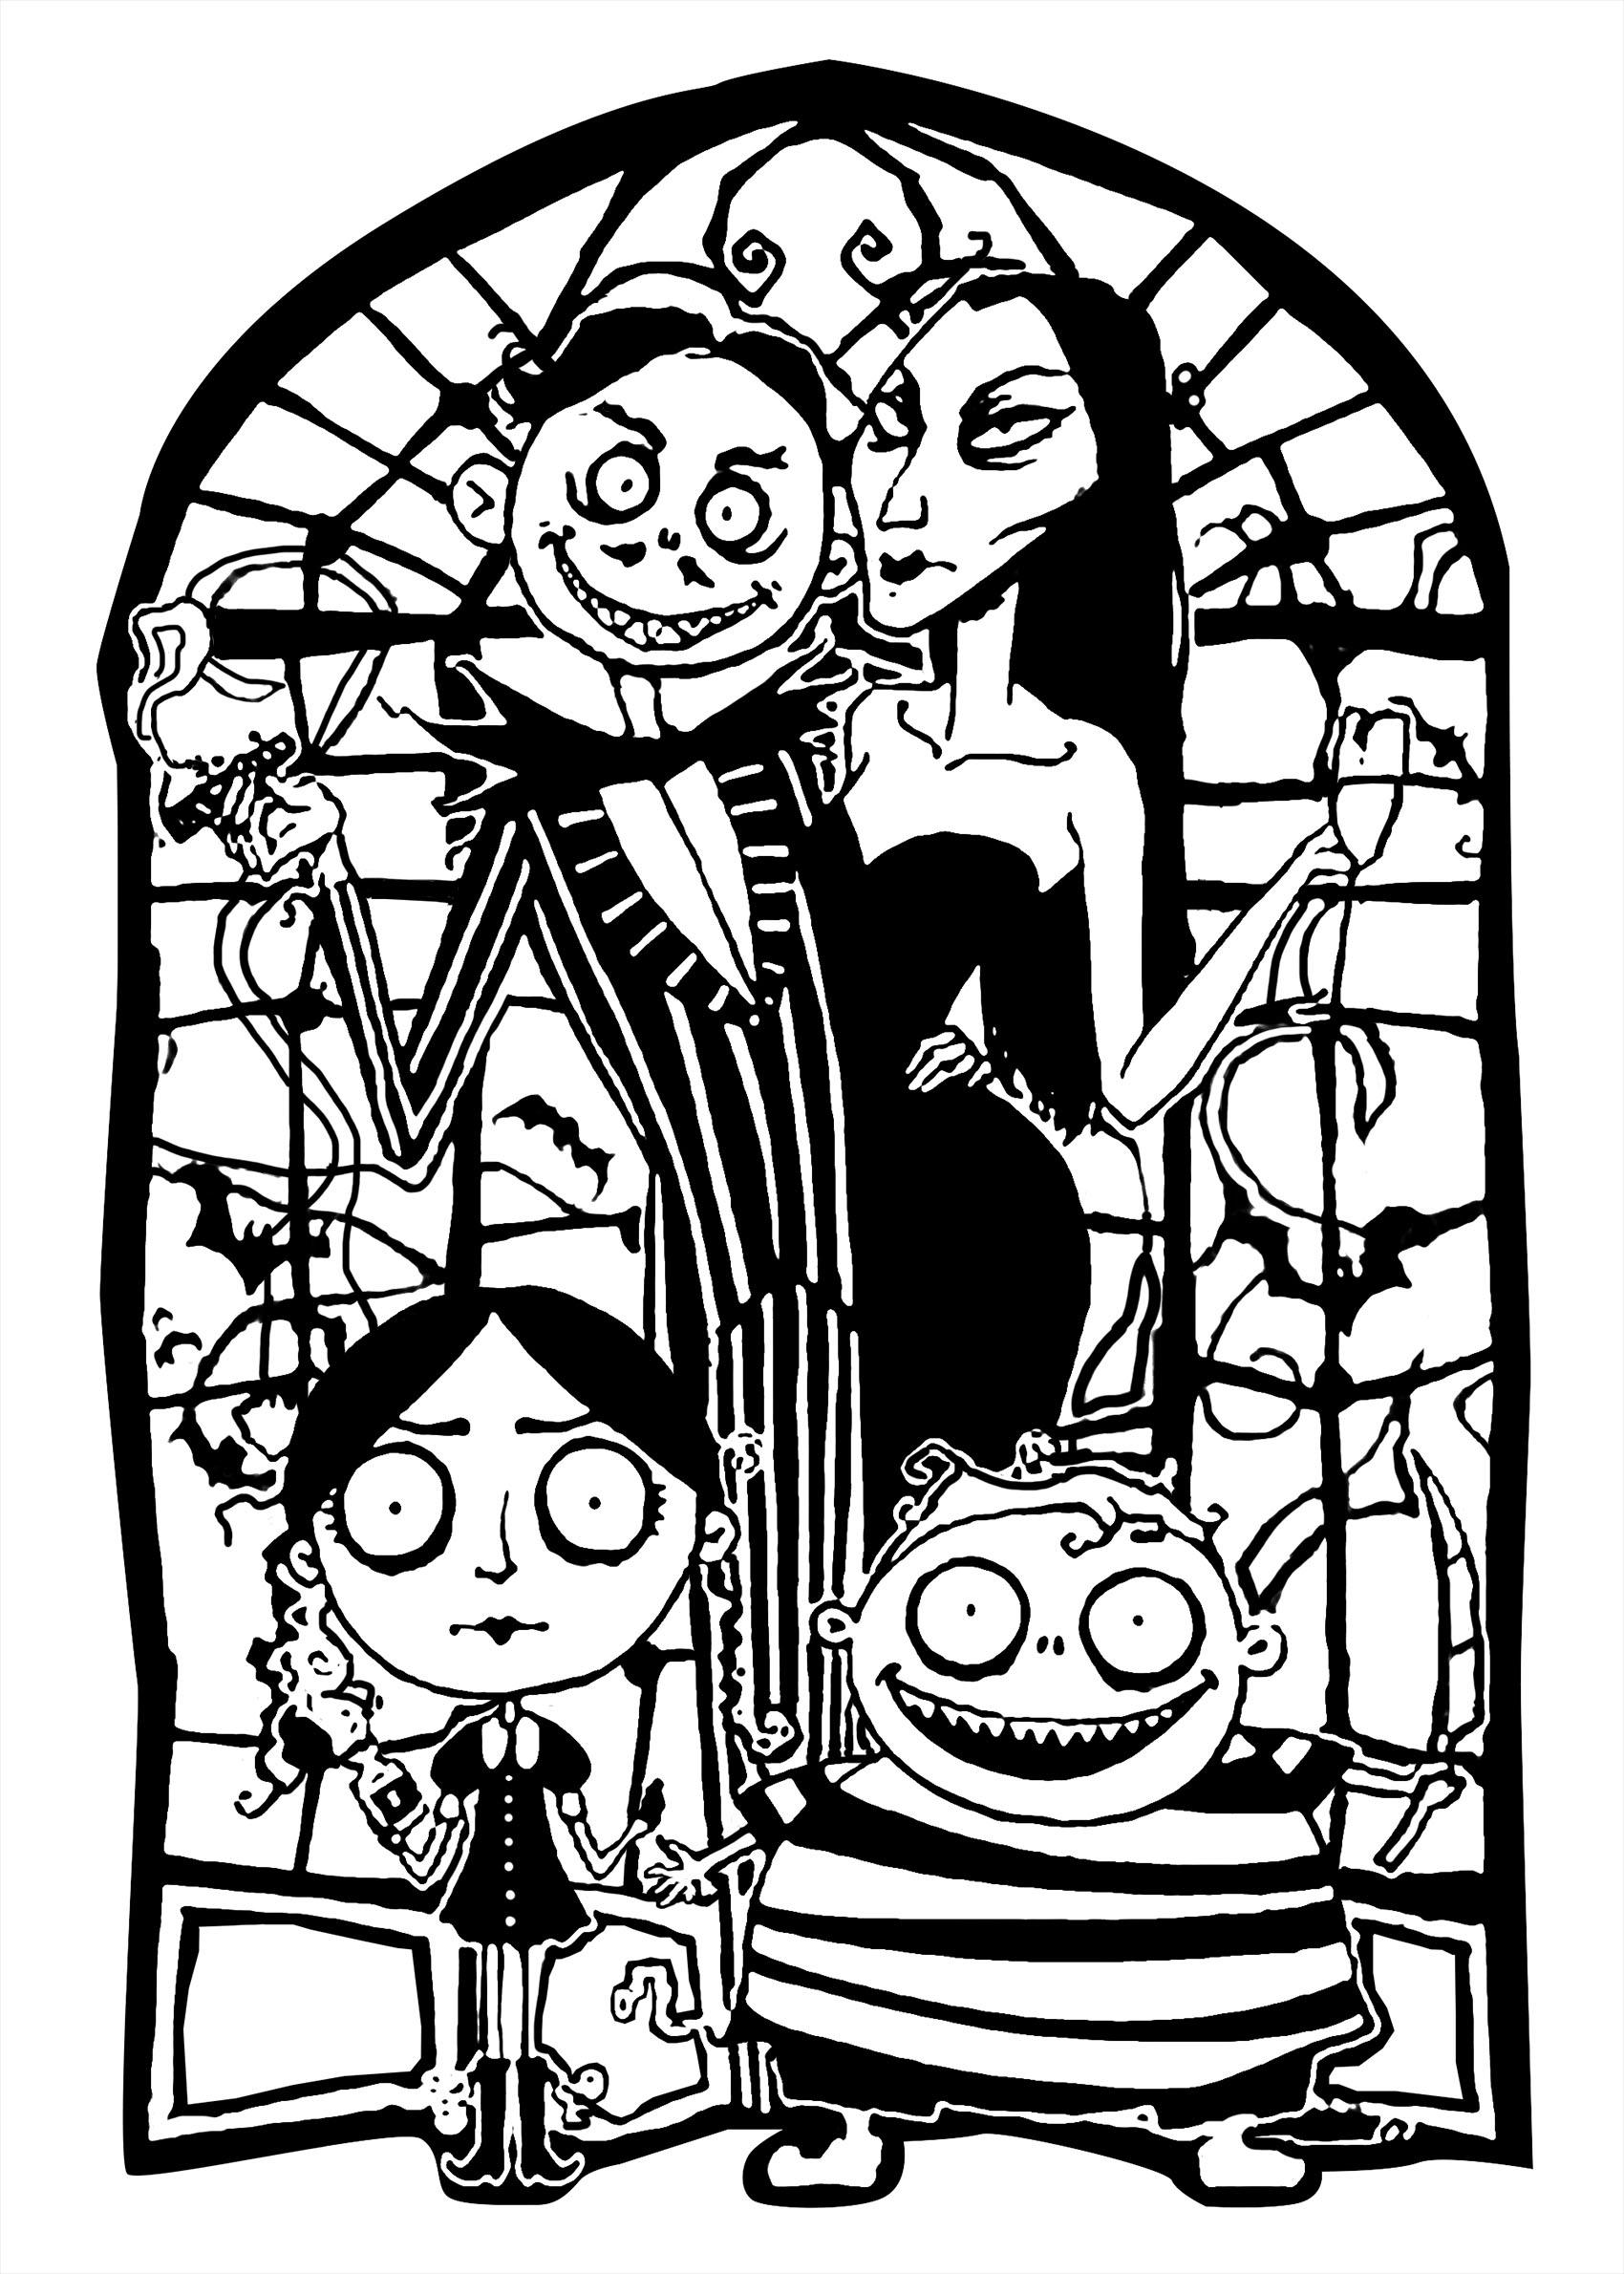 La sympathique Famille Adams : parents et enfants